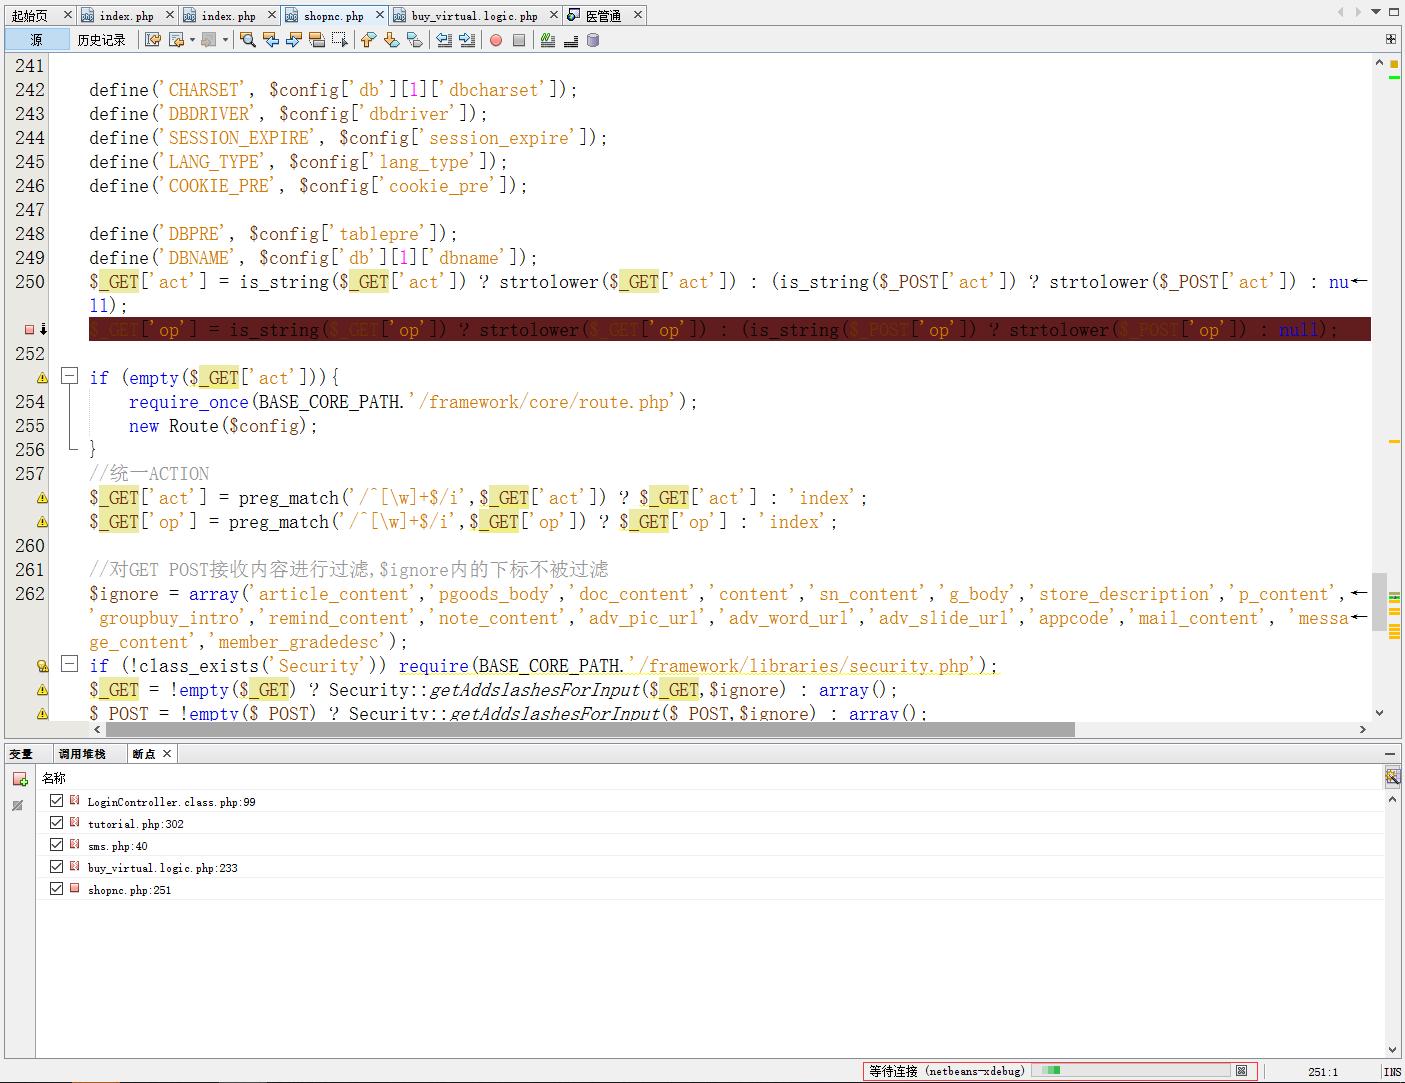 再次启动调试会话时,在调试器窗口中,仍然一直提示等待连接(netbeans-xdebug)